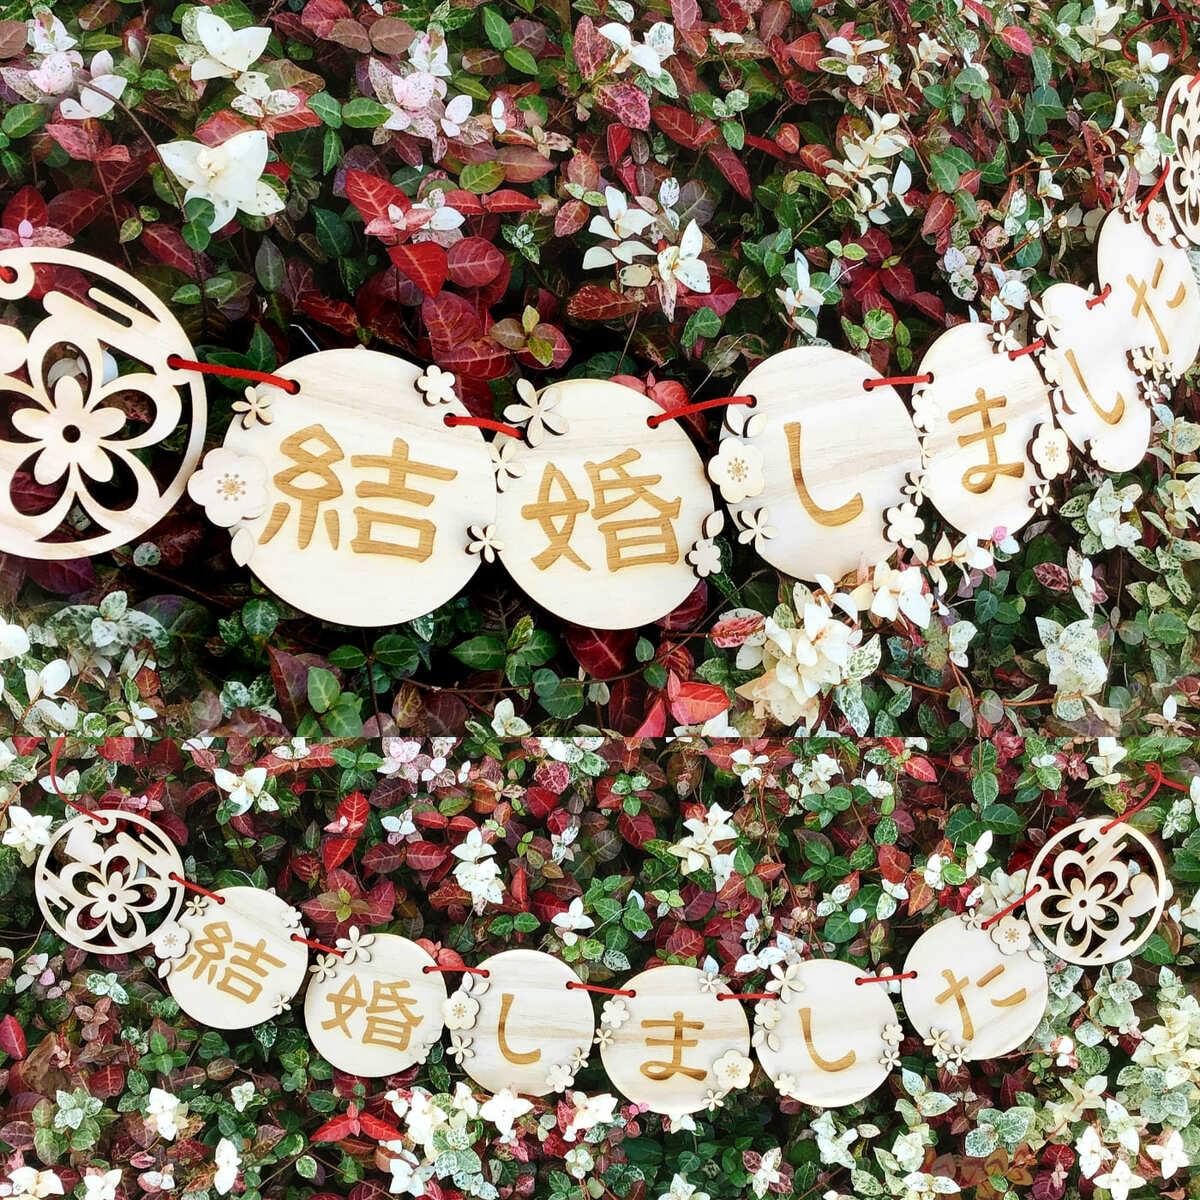 木製ガーランド 結婚しました 手作りキット 桐 結婚式 和装 ウェディングアイテム かわいい ナチュラル 装飾 前撮り ウェディンググッズ